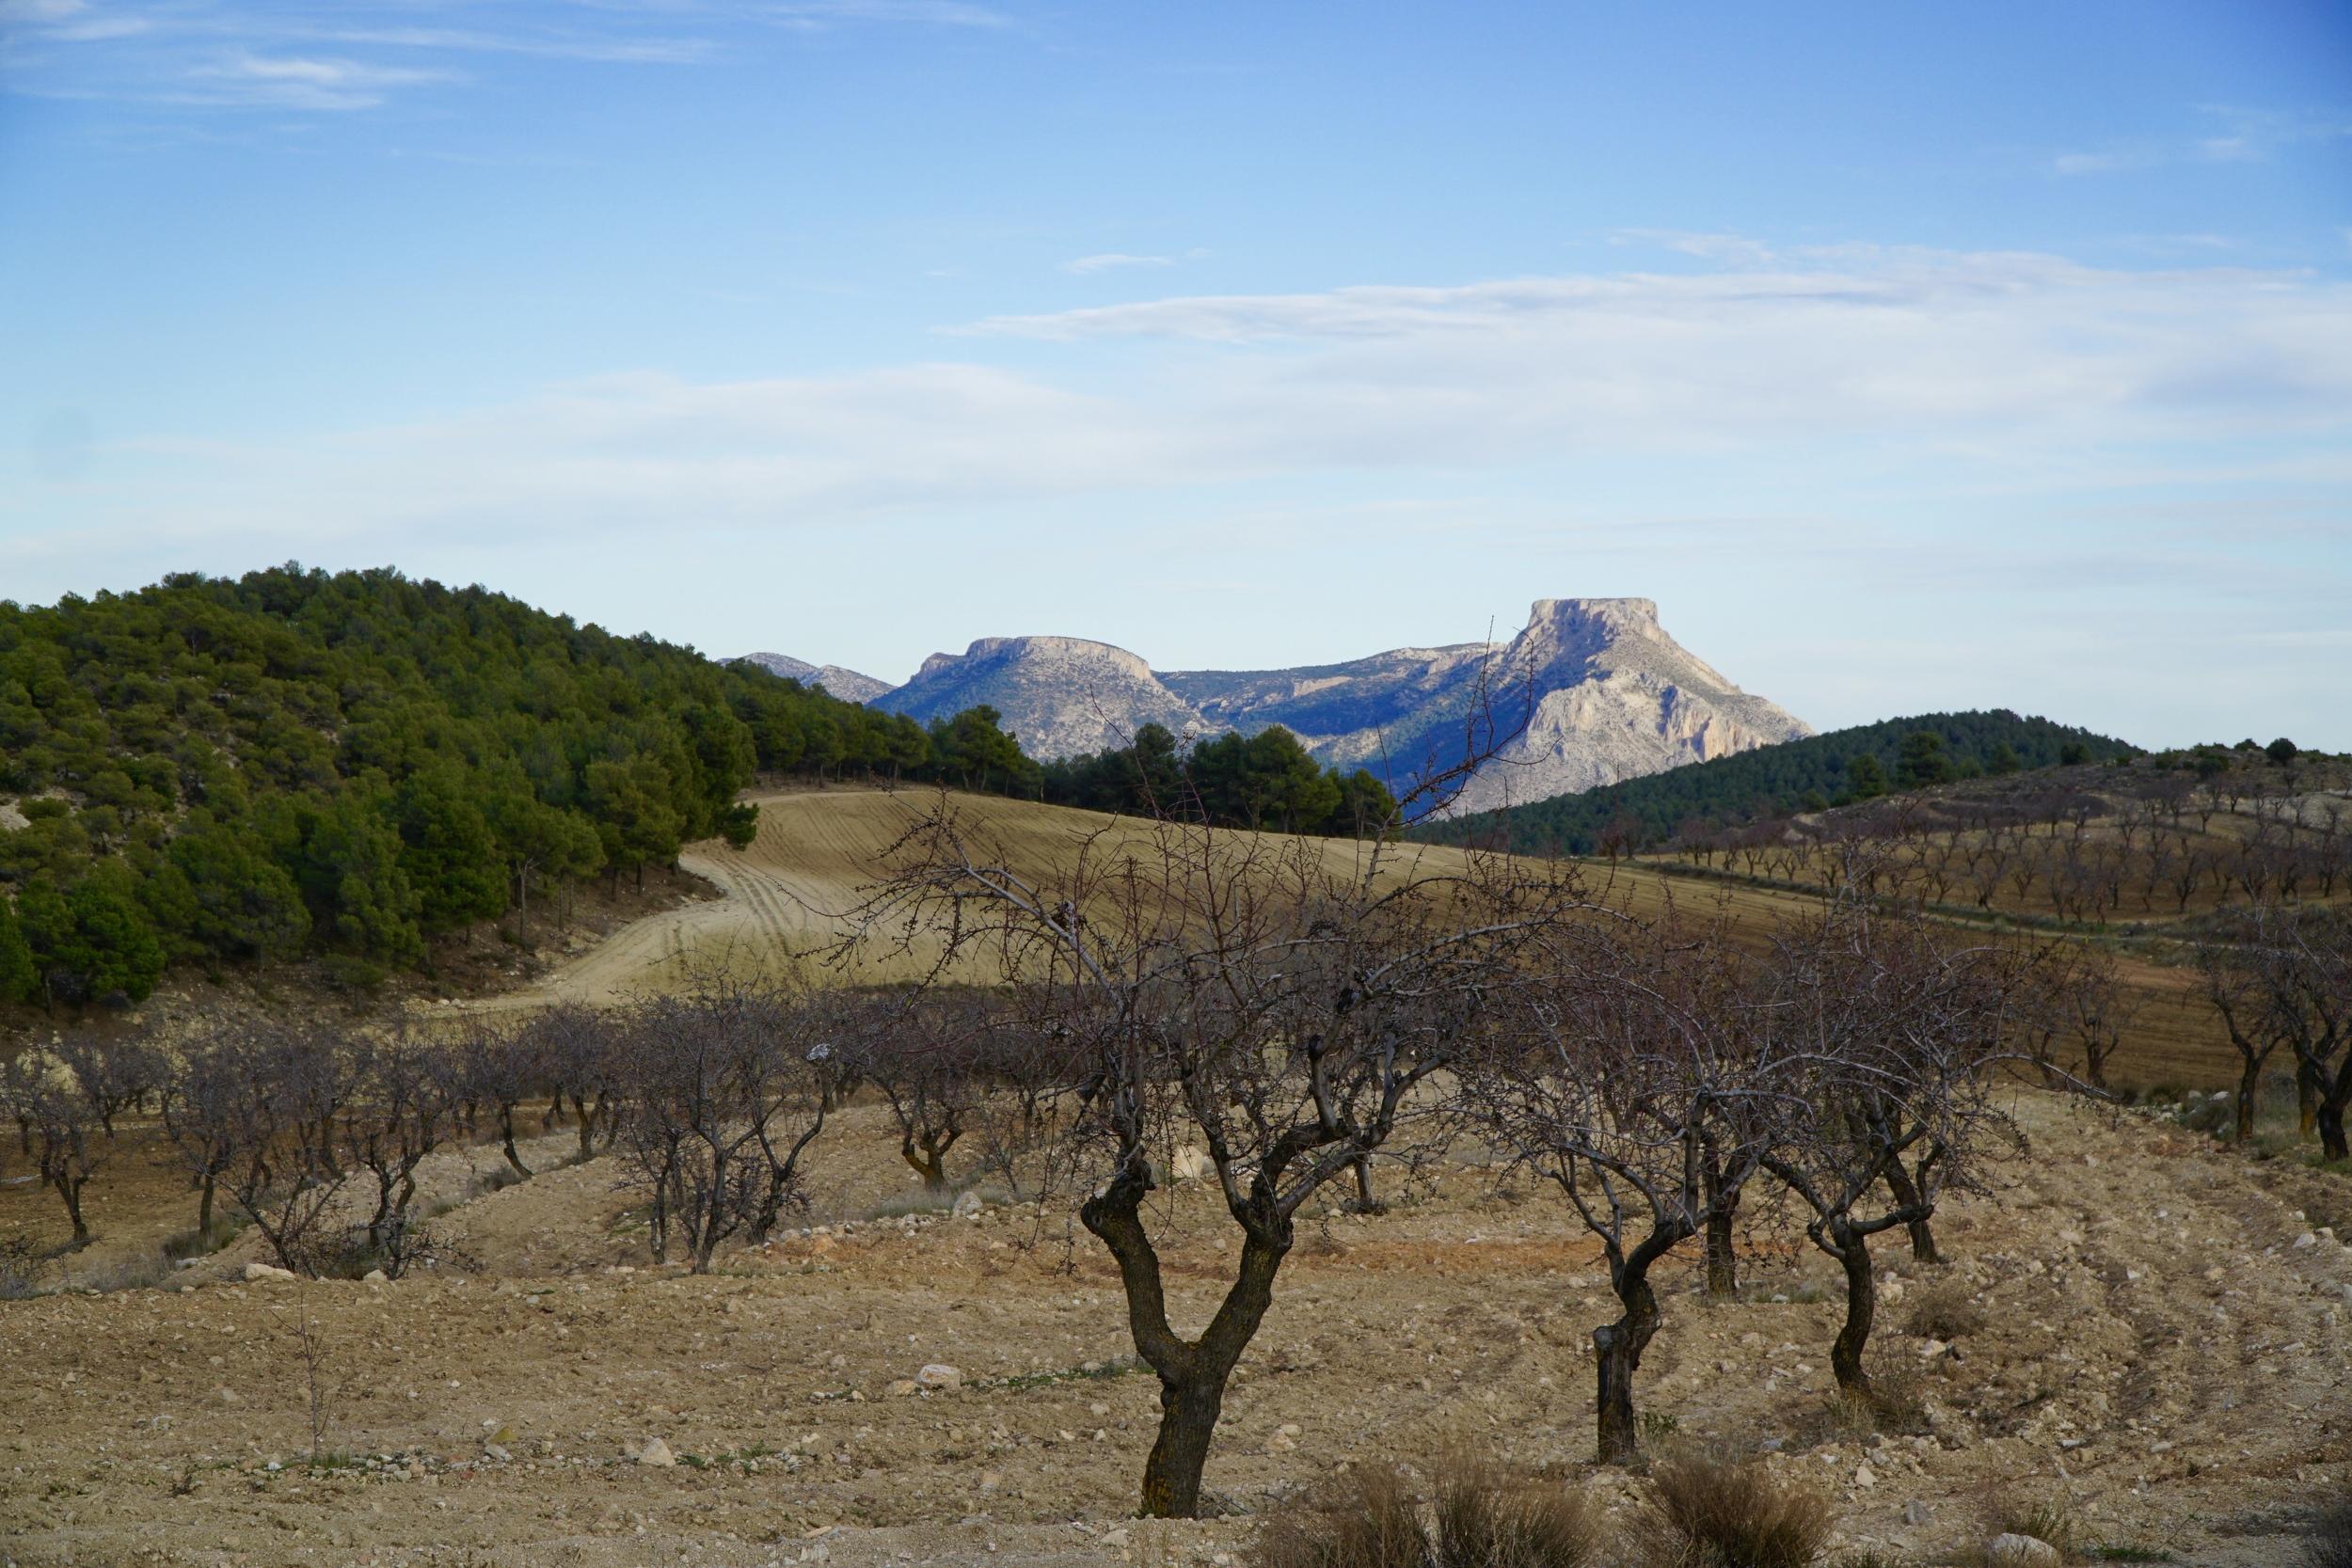 Dormant almond trees